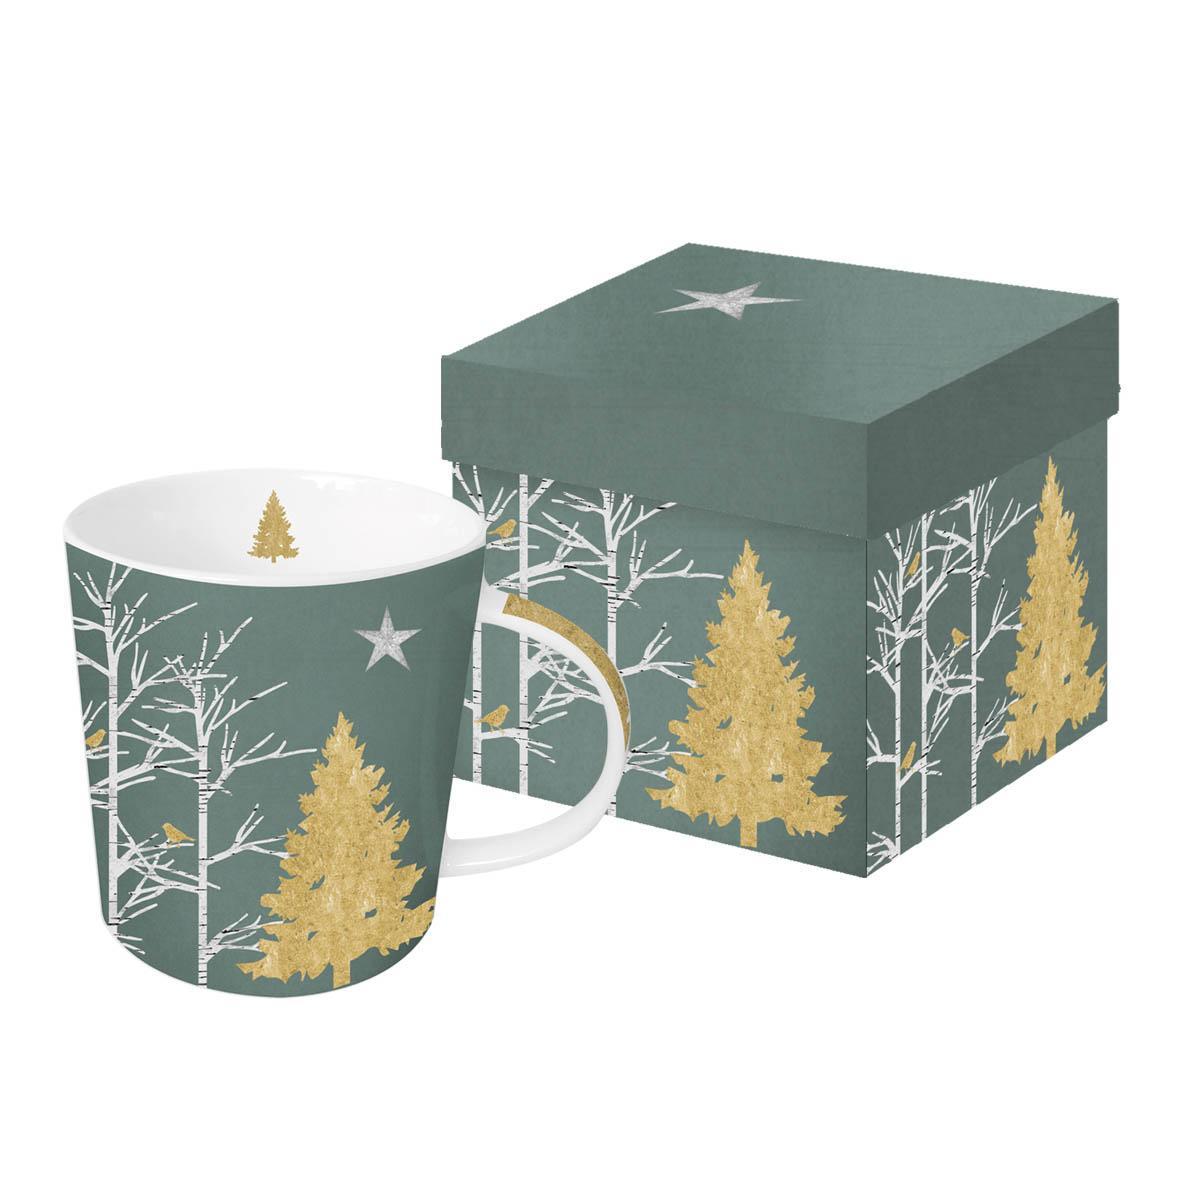 Šolja u poklon kutiji MYSTIC TREE Real gold